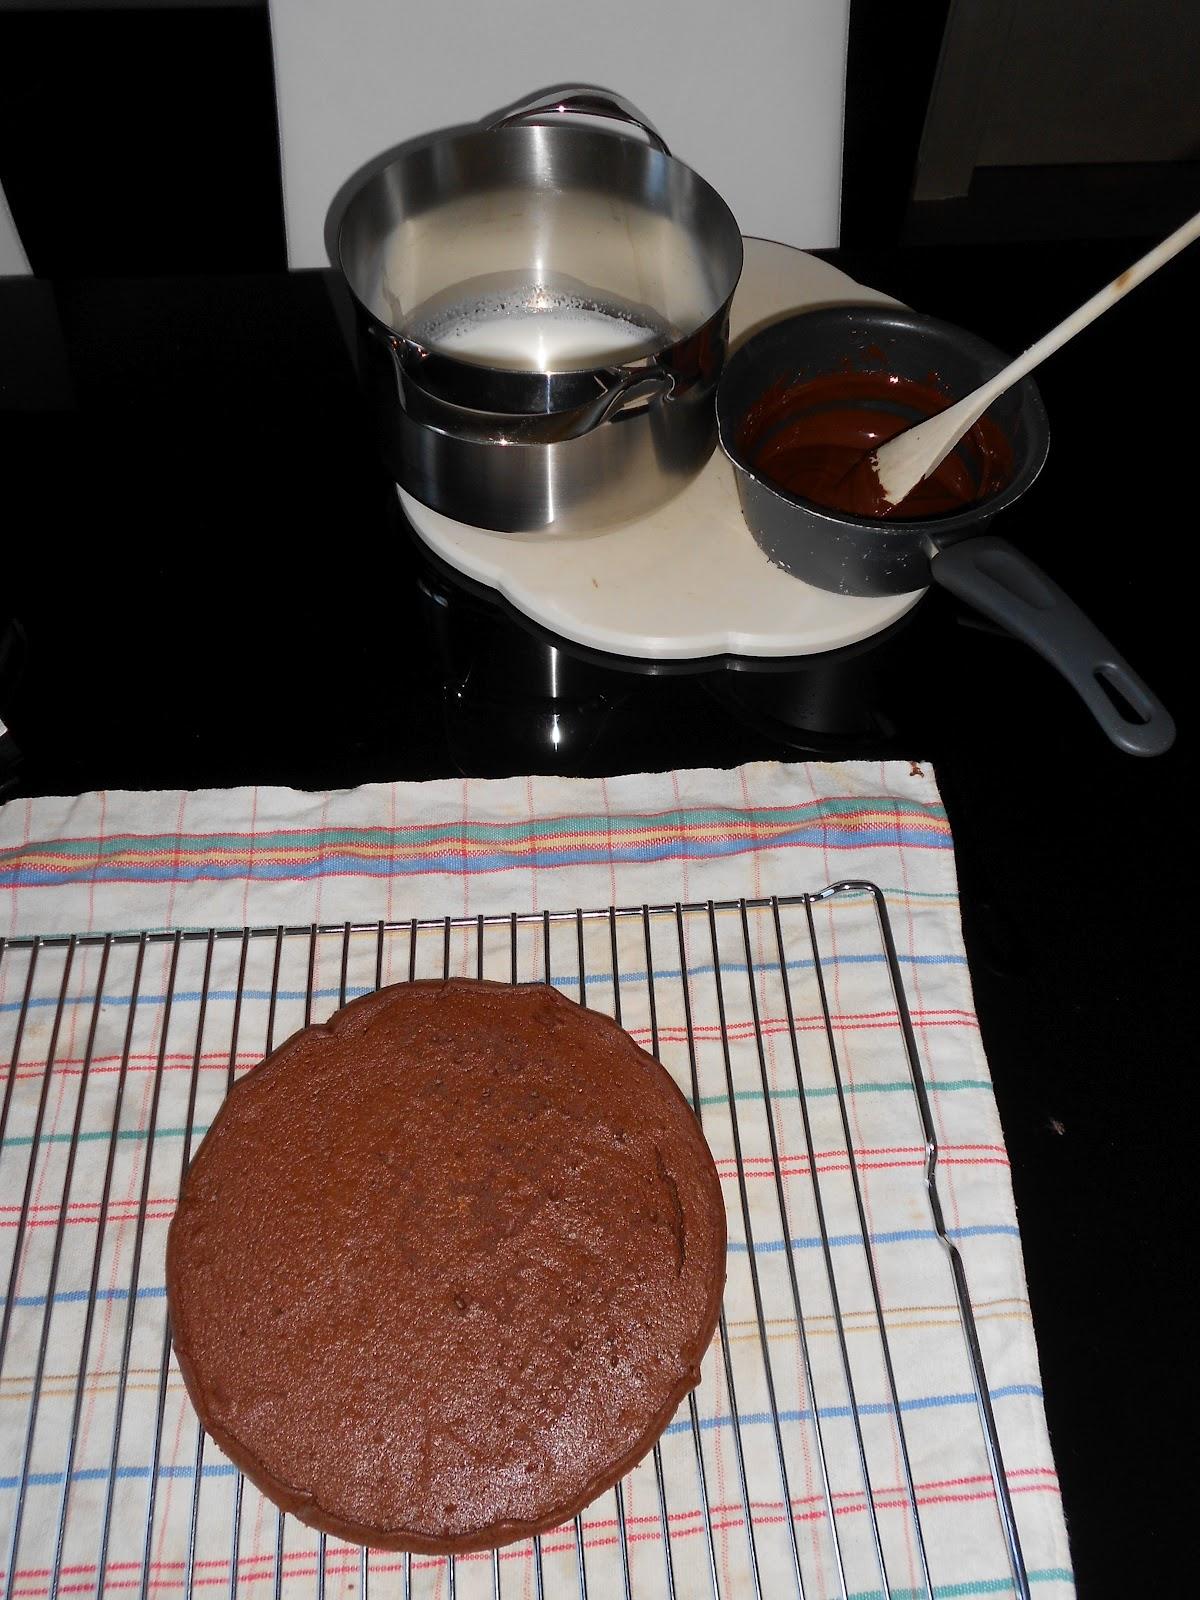 Mousse ai tre cioccolati - Bagno di cioccolato ...